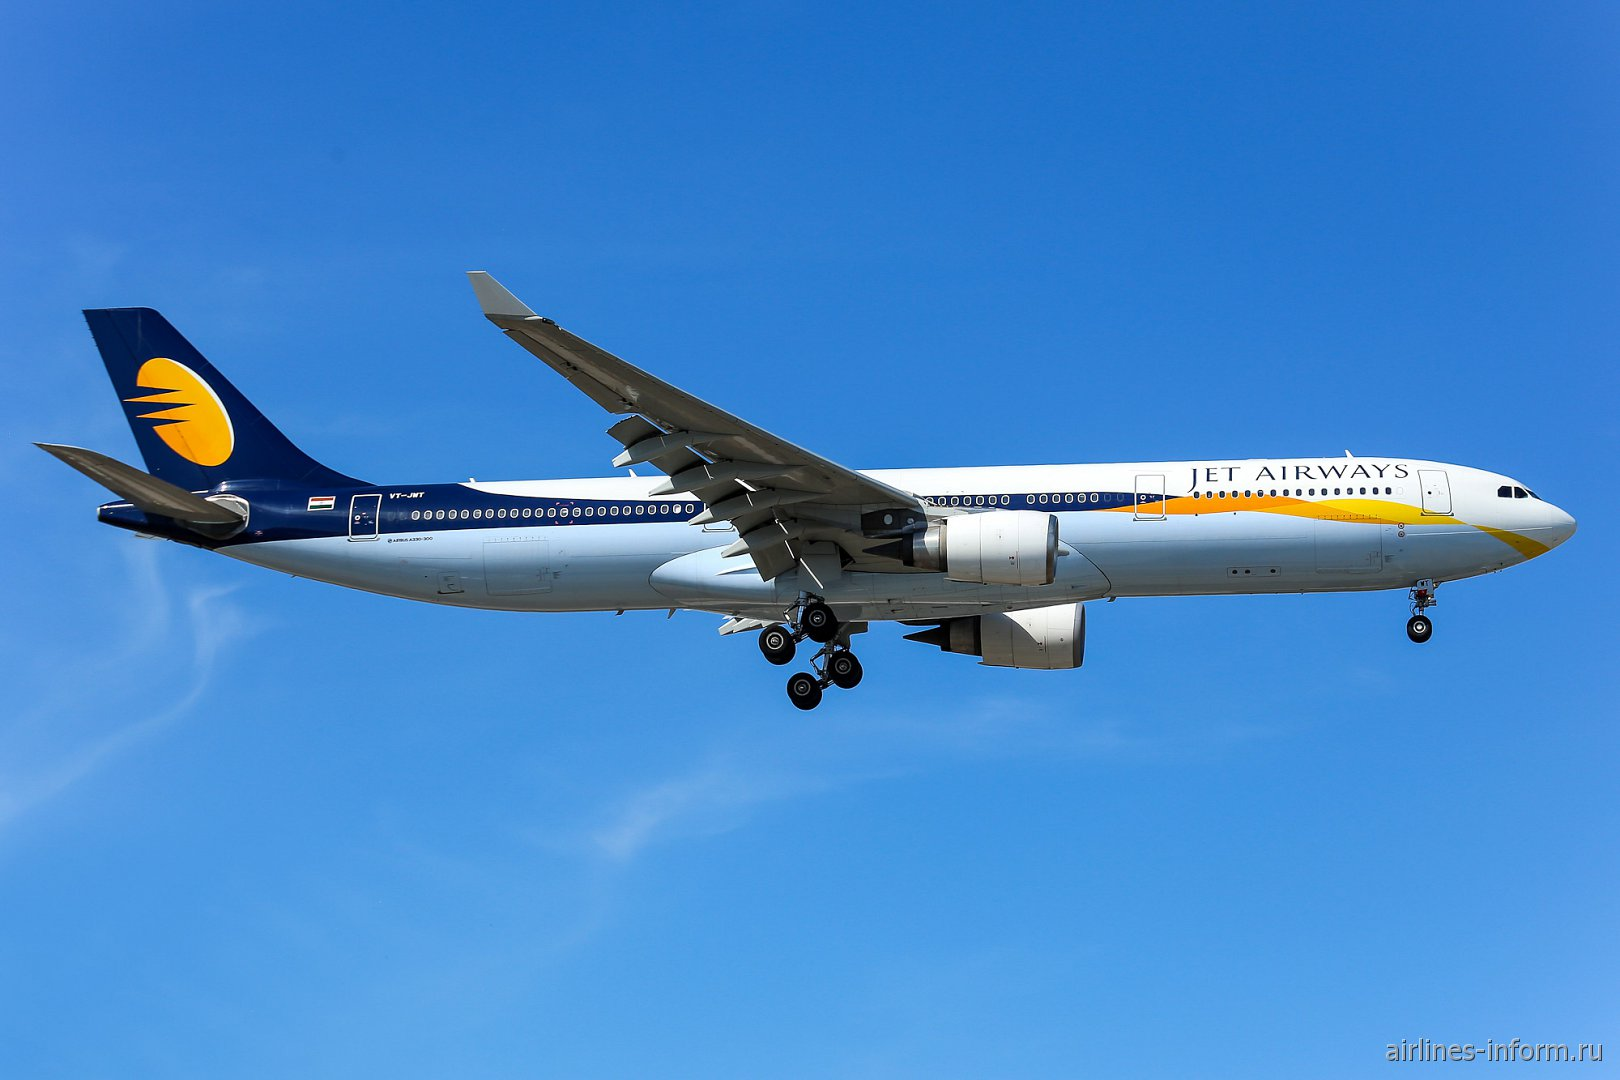 Фото Airbus A330-300 индийской авиакомпании Jet Airways